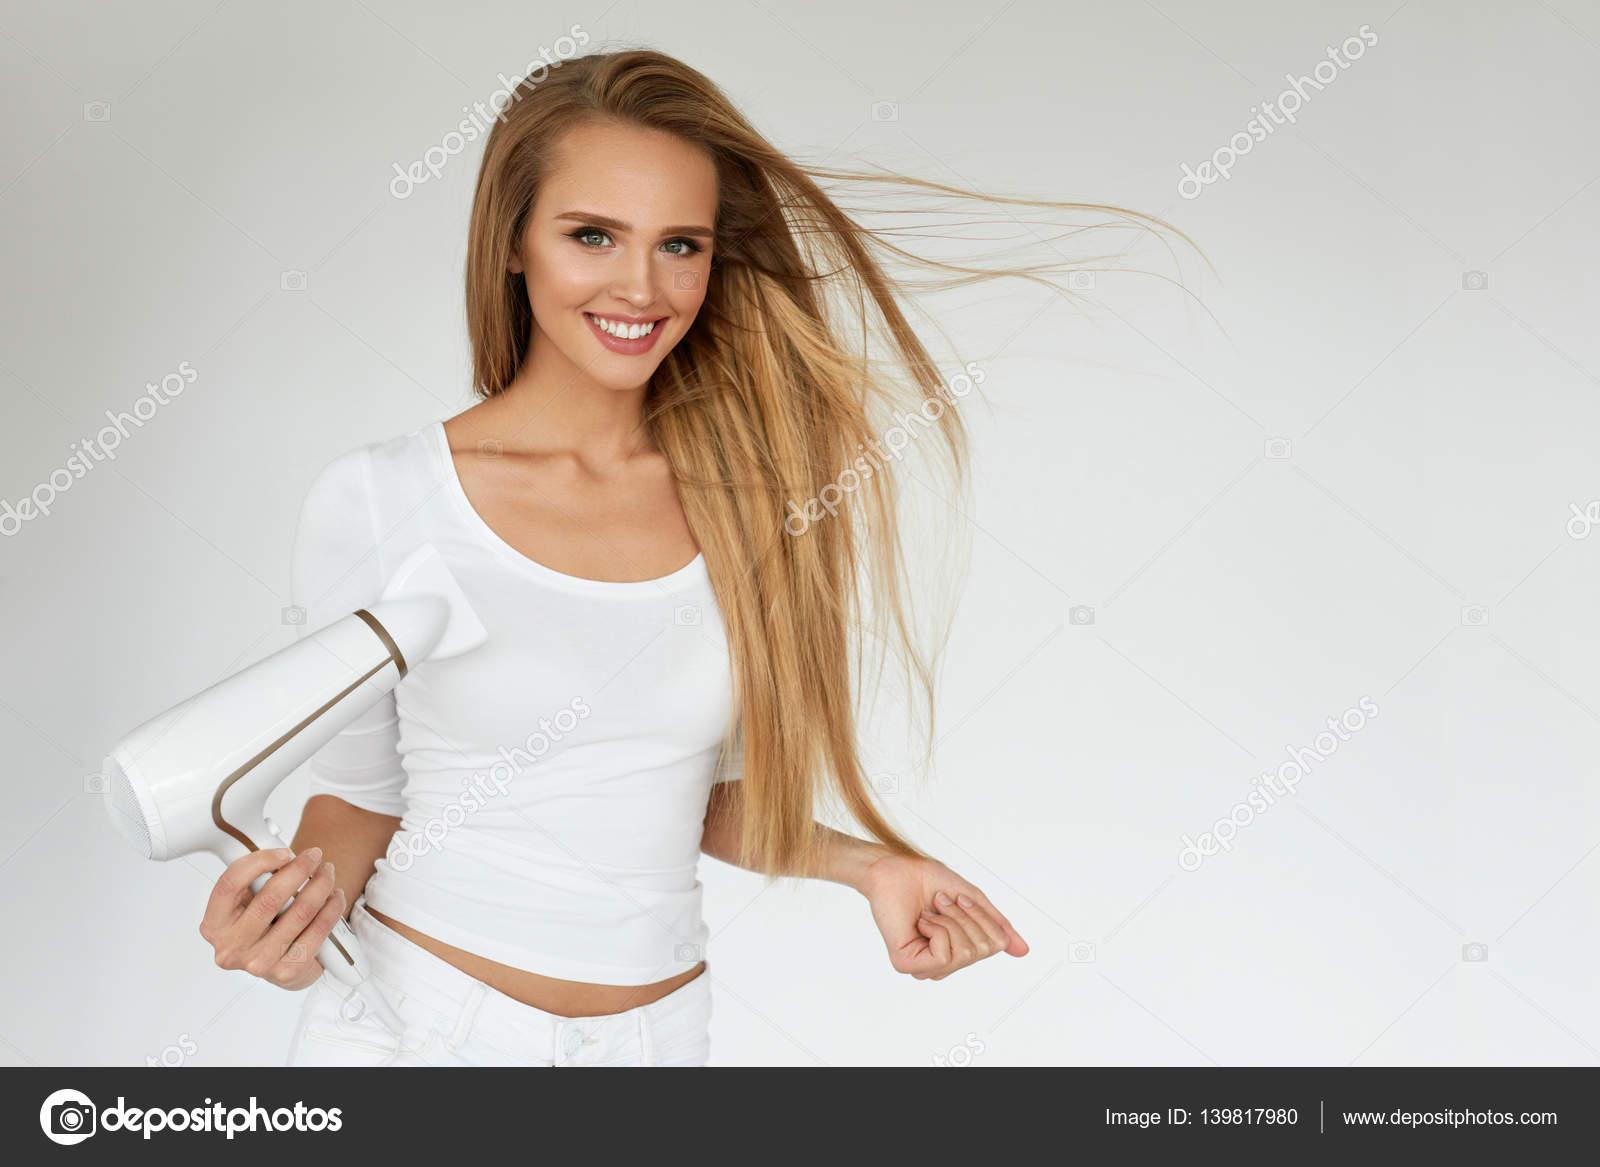 Hair care frau schöne lange blonde haare mit trockner trocknen